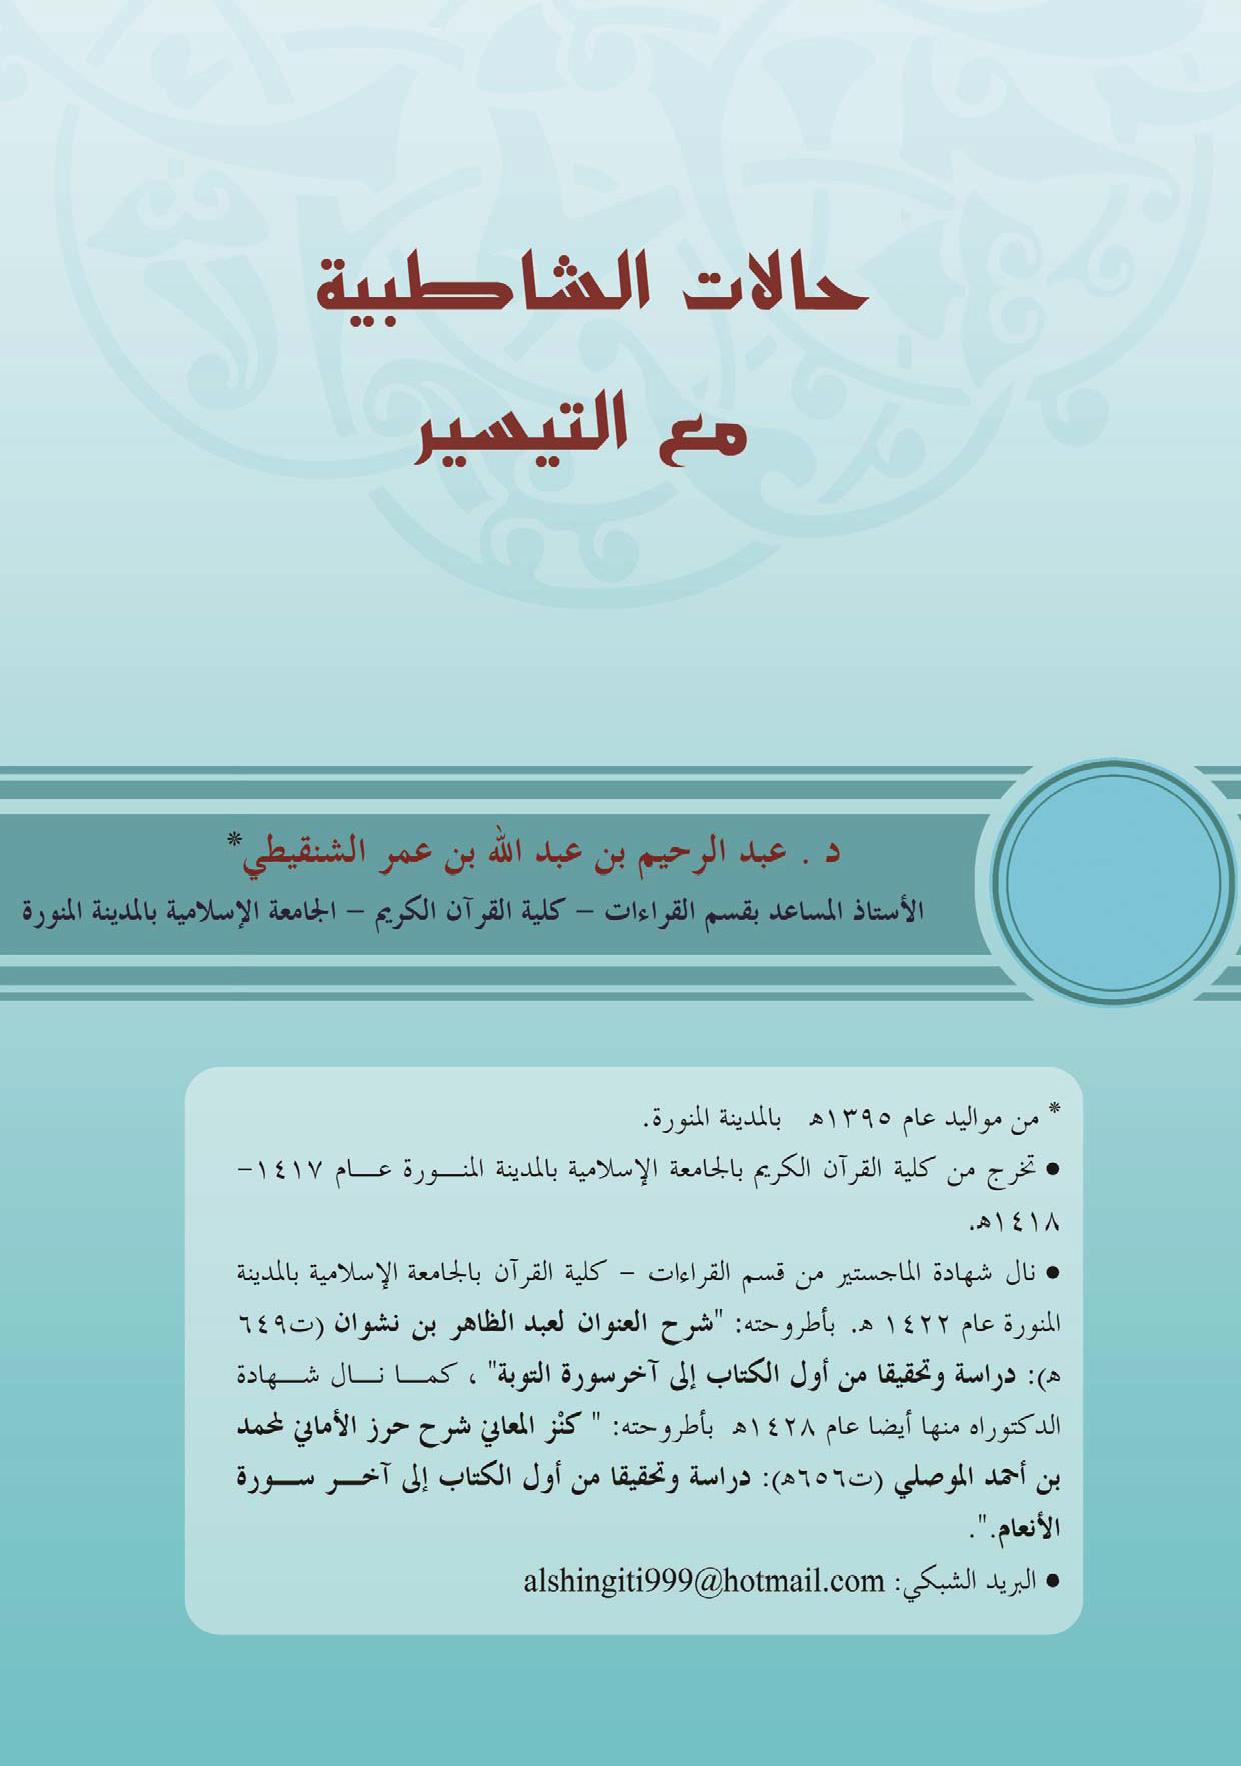 تحميل كتاب حالات الشاطبية مع التيسير لـِ: الدكتور عبد الرحيم بن عبد الله بن عمر الشنقيطي